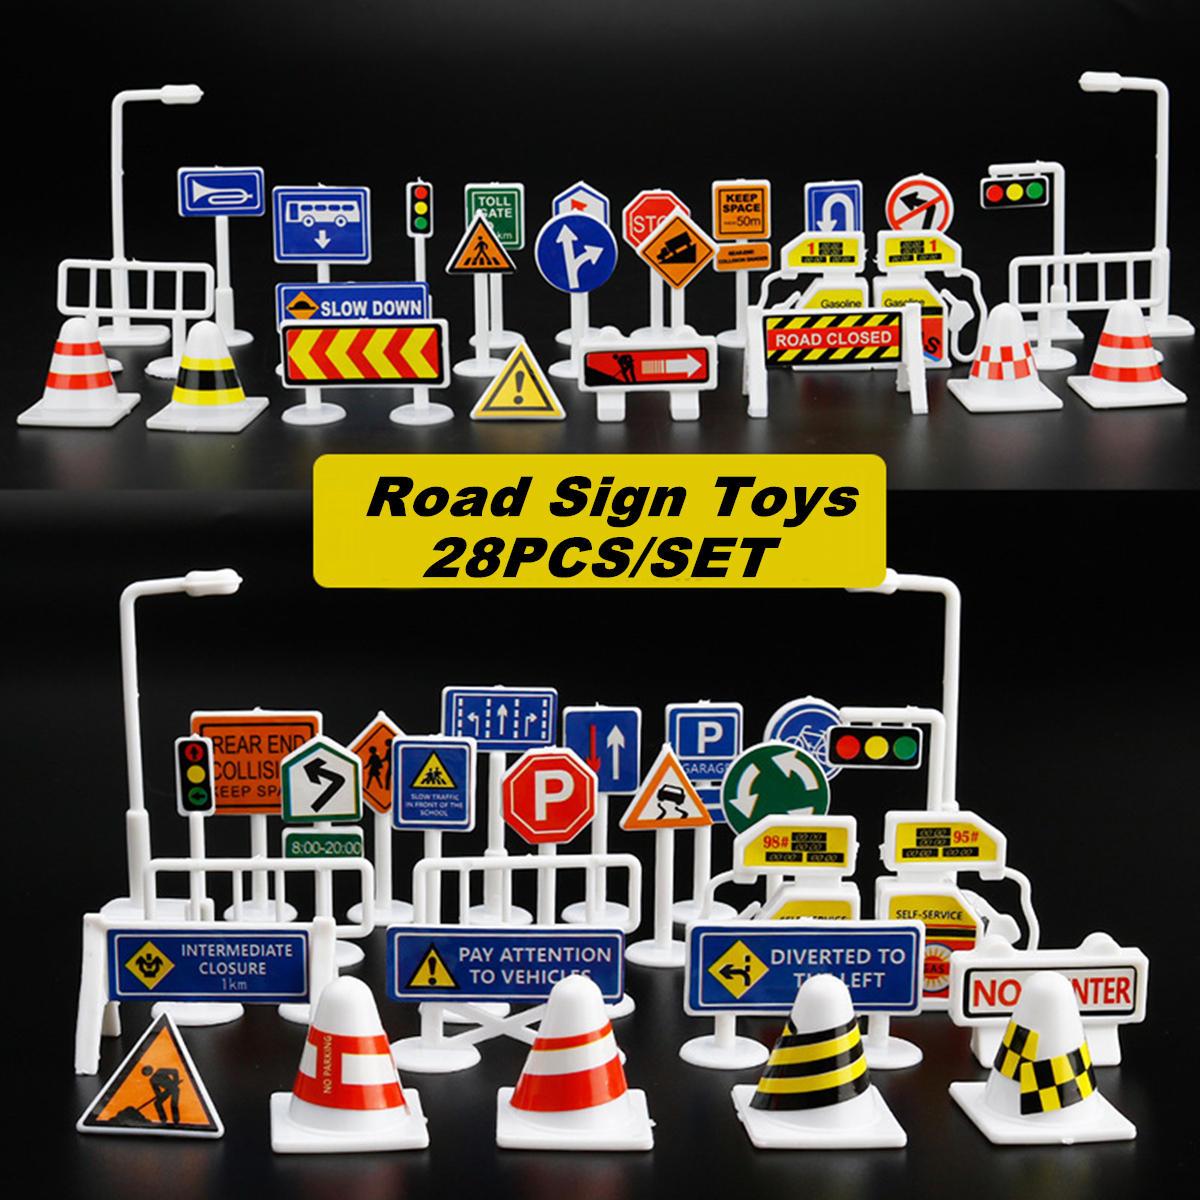 28 Cái Đồ chơi Xe cộ Giao thông Đường bộ Trẻ em Vui chơi Giáo dục Đồ chơi Trò chơi Phụ kiện Đồ chơi